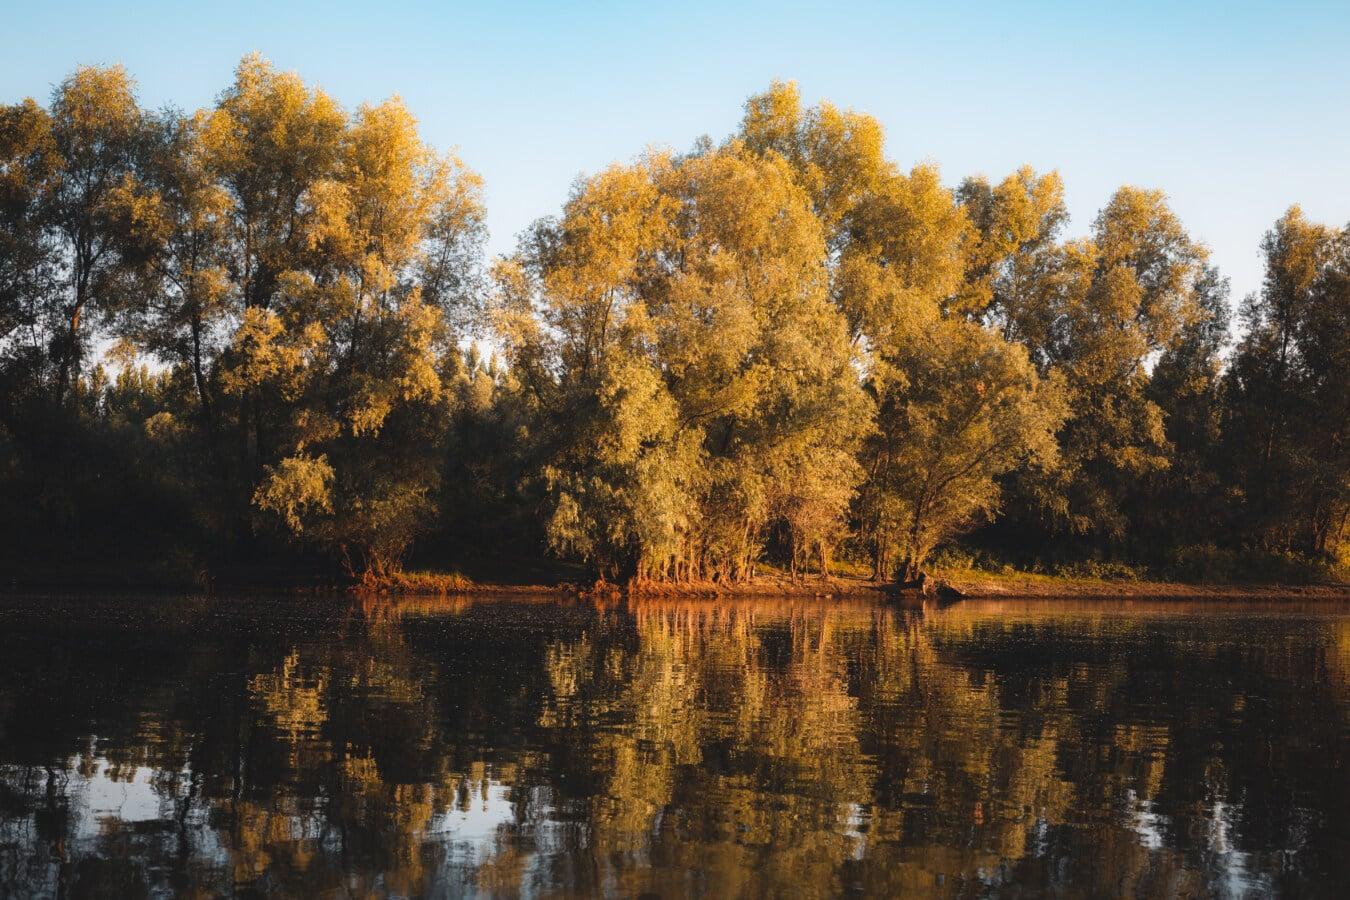 ruhig, am See, Herbstsaison, Wasserstand, Ruhe, See, Wasser, Reflexion, Struktur, Natur